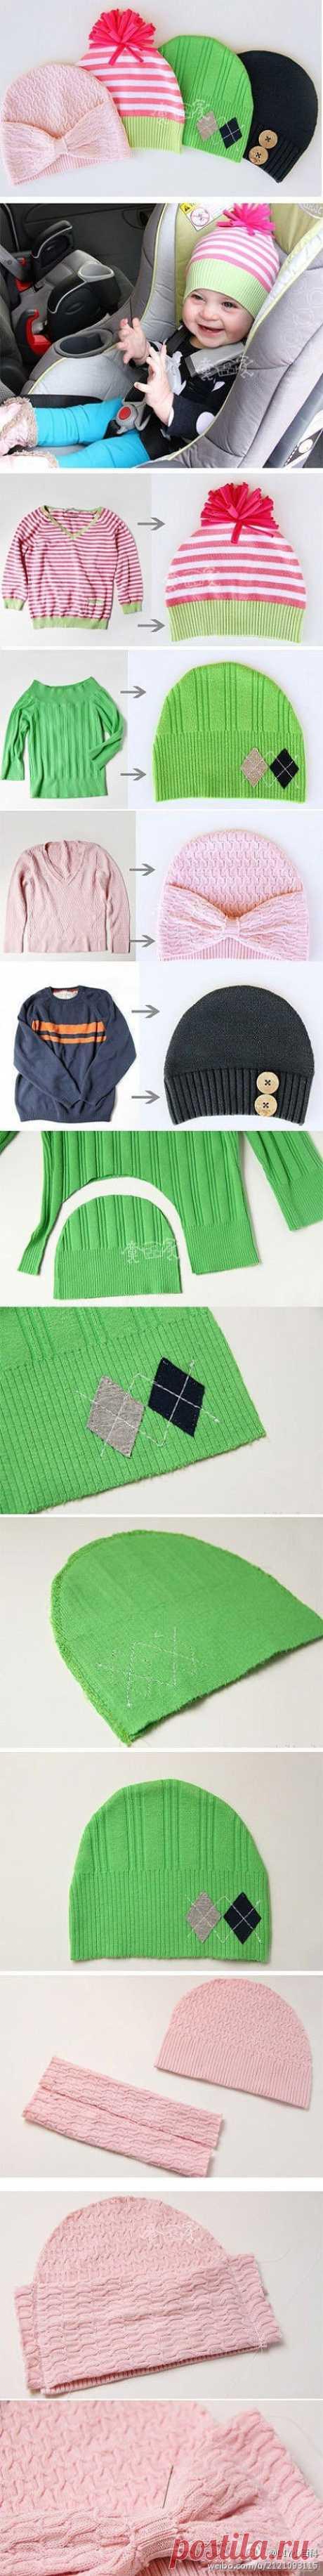 Из ткани и трикотажа | Записи в рубрике Из ткани и трикотажа | Дневник Ирина-ажур